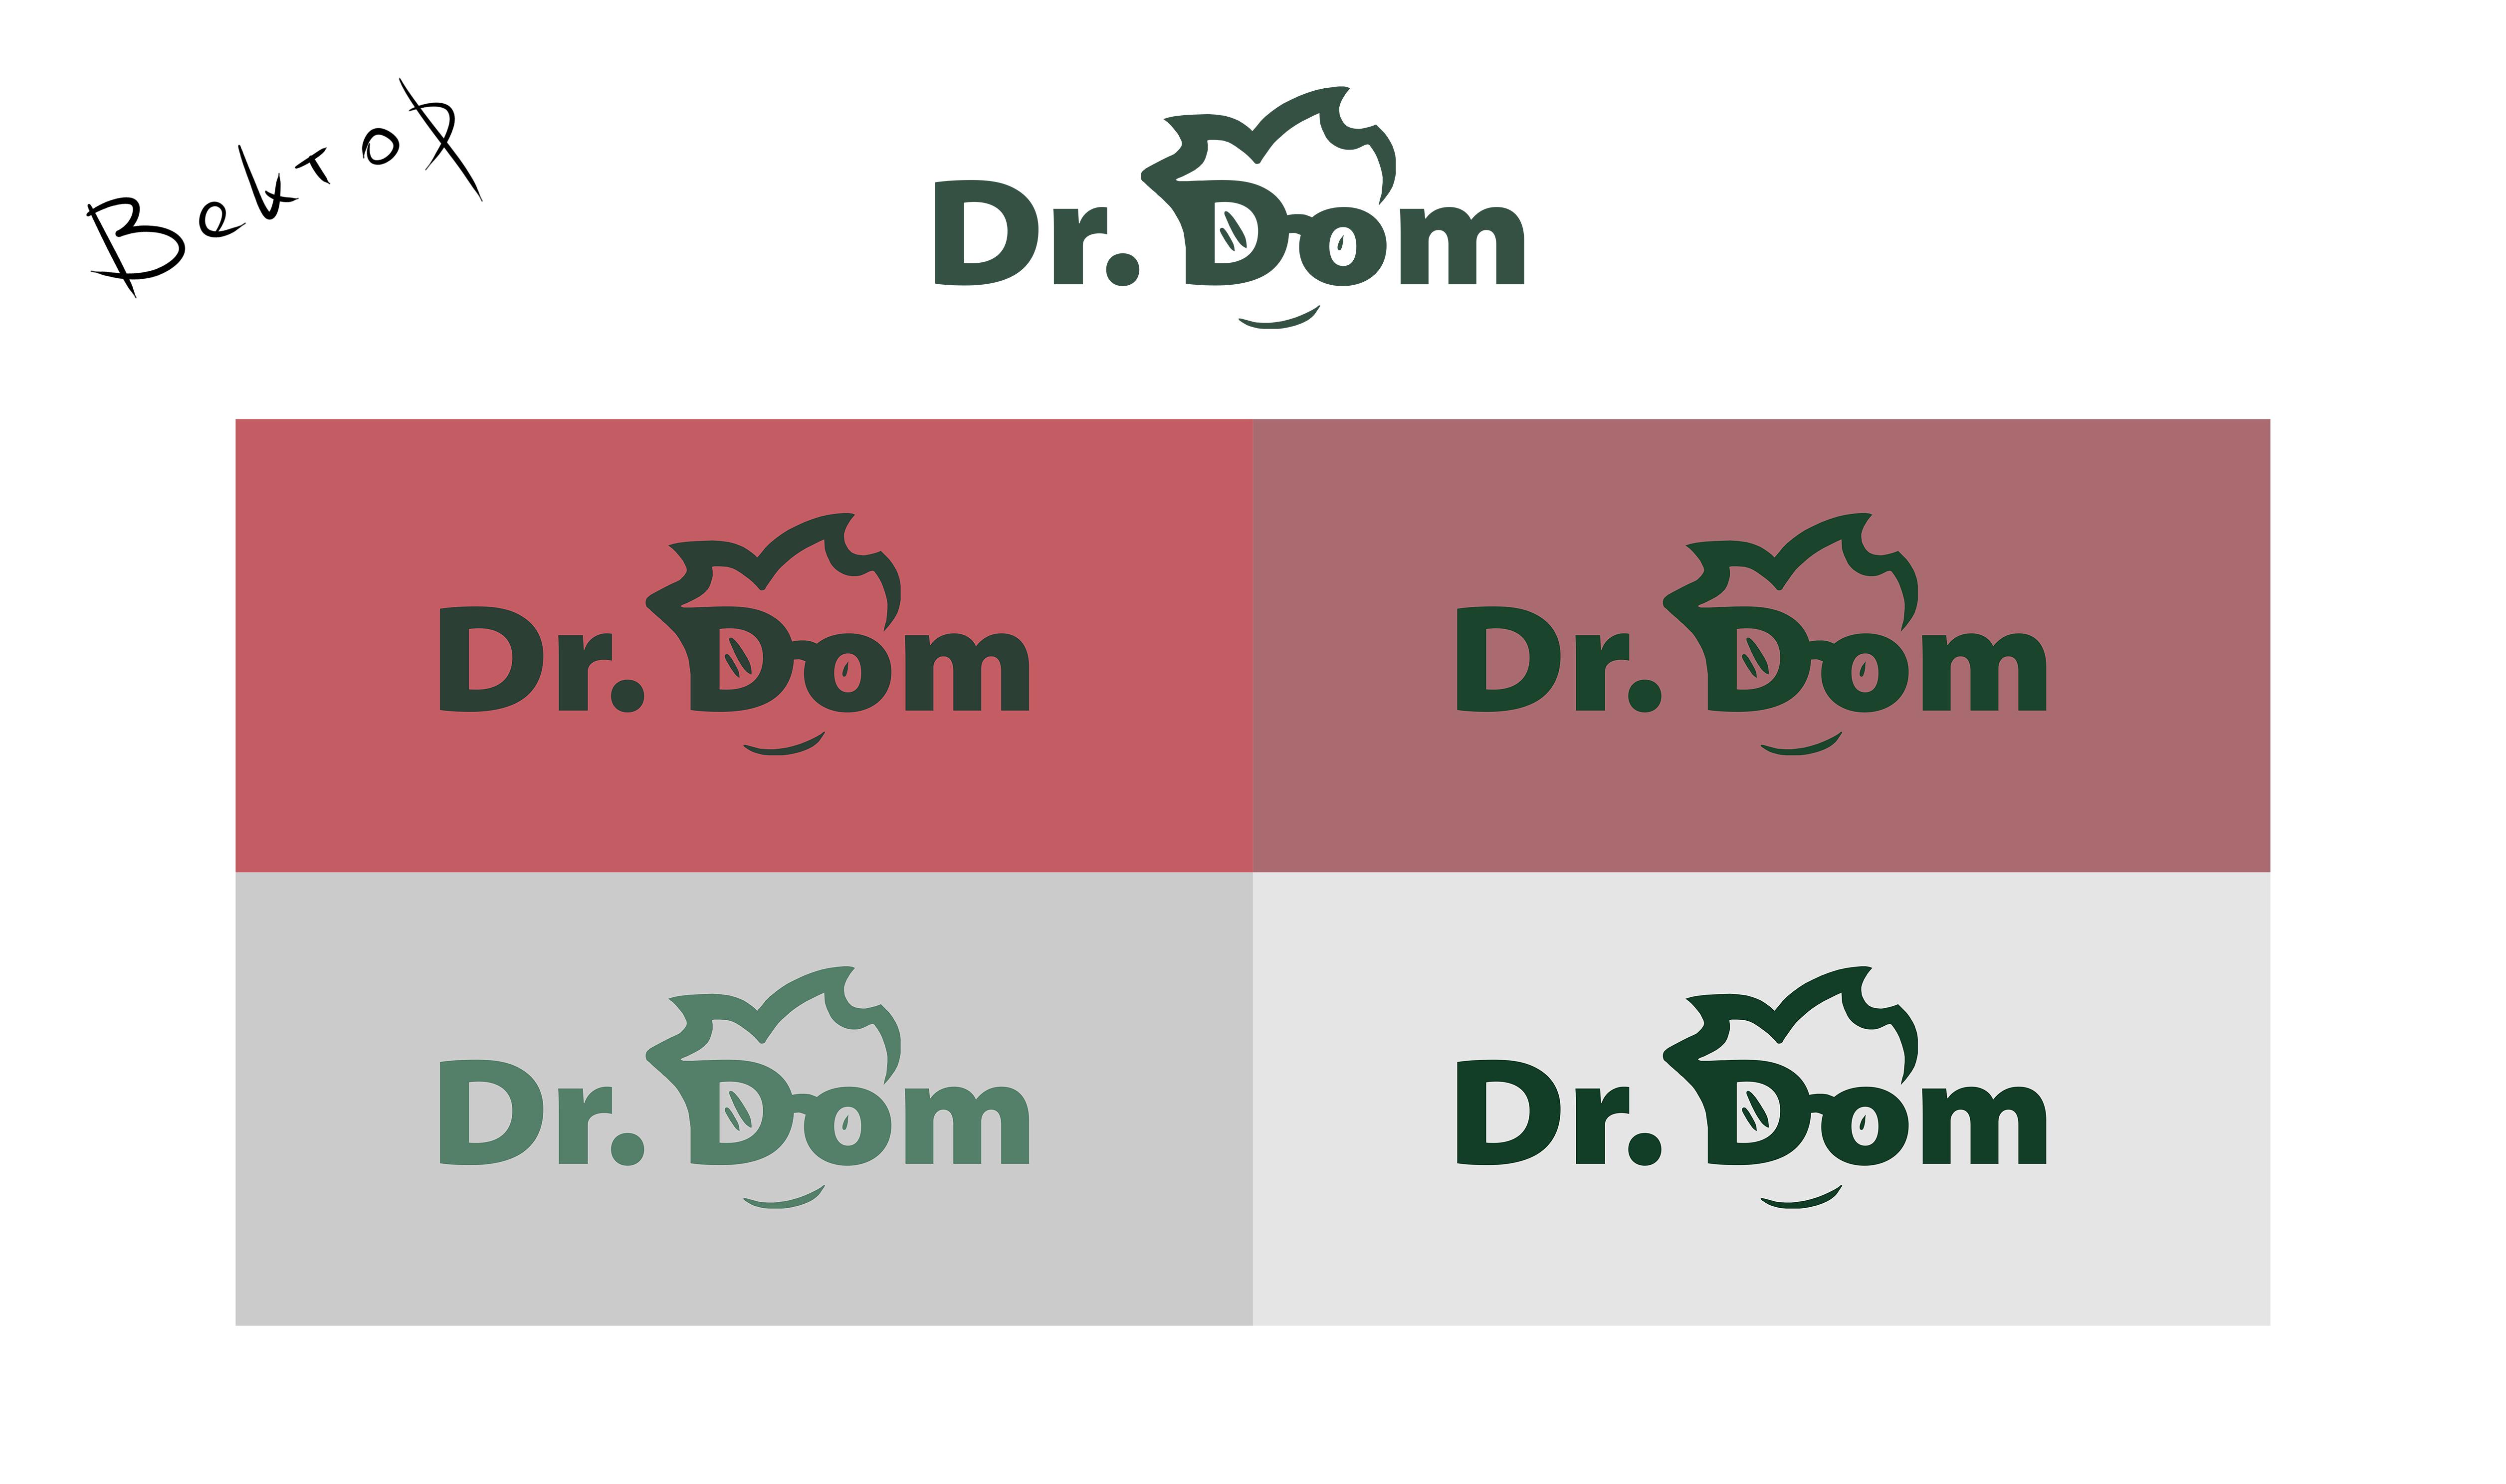 Разработать логотип для сети магазинов бытовой химии и товаров для уборки фото f_1526001a145d20eb.png